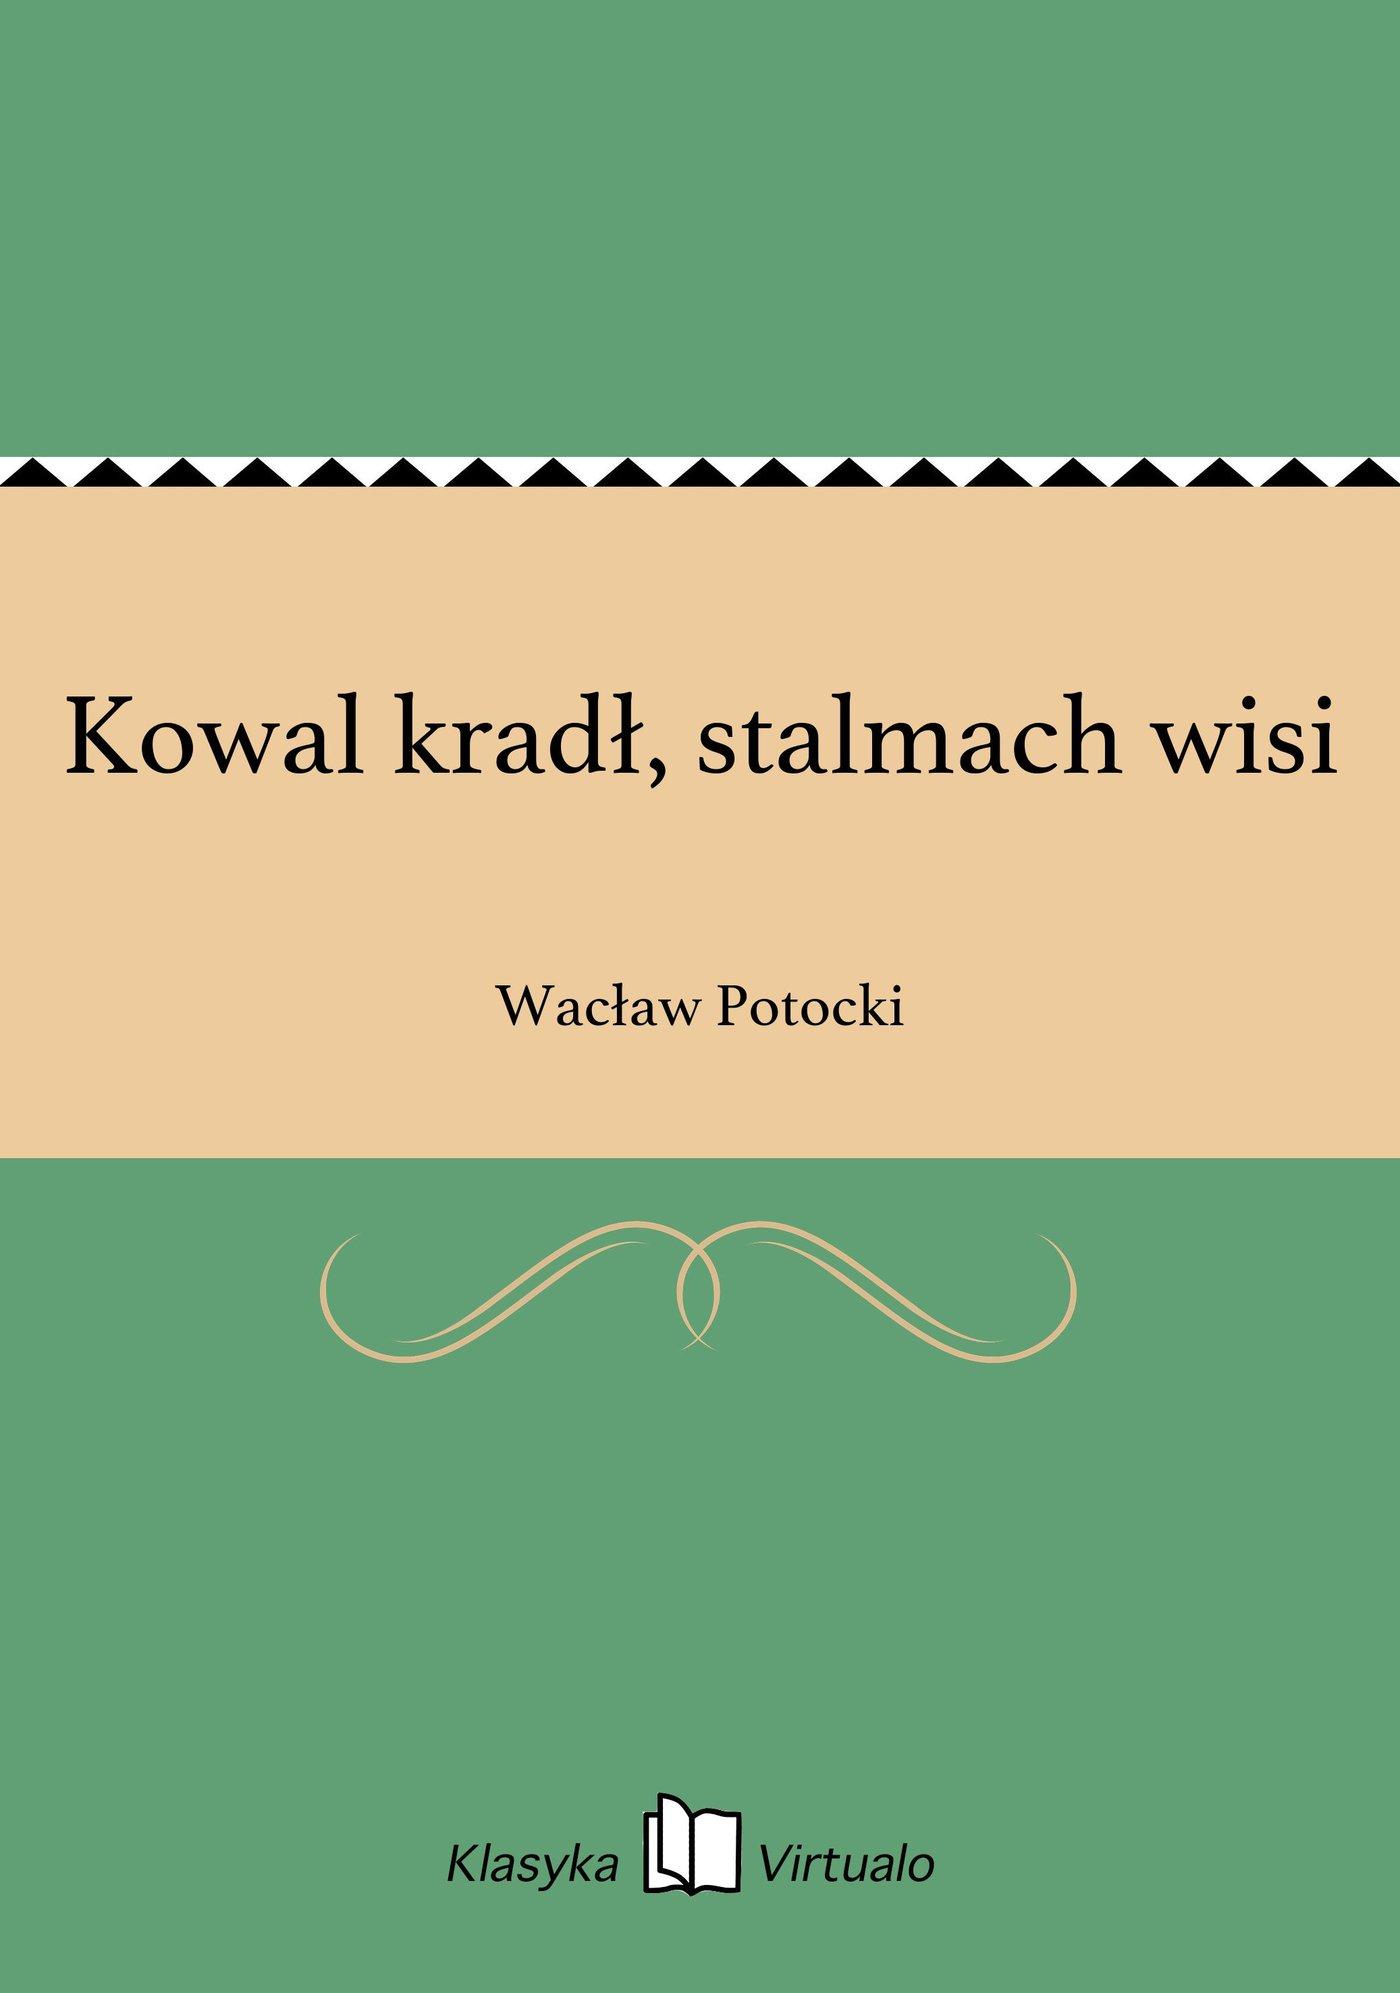 Kowal kradł, stalmach wisi - Ebook (Książka EPUB) do pobrania w formacie EPUB